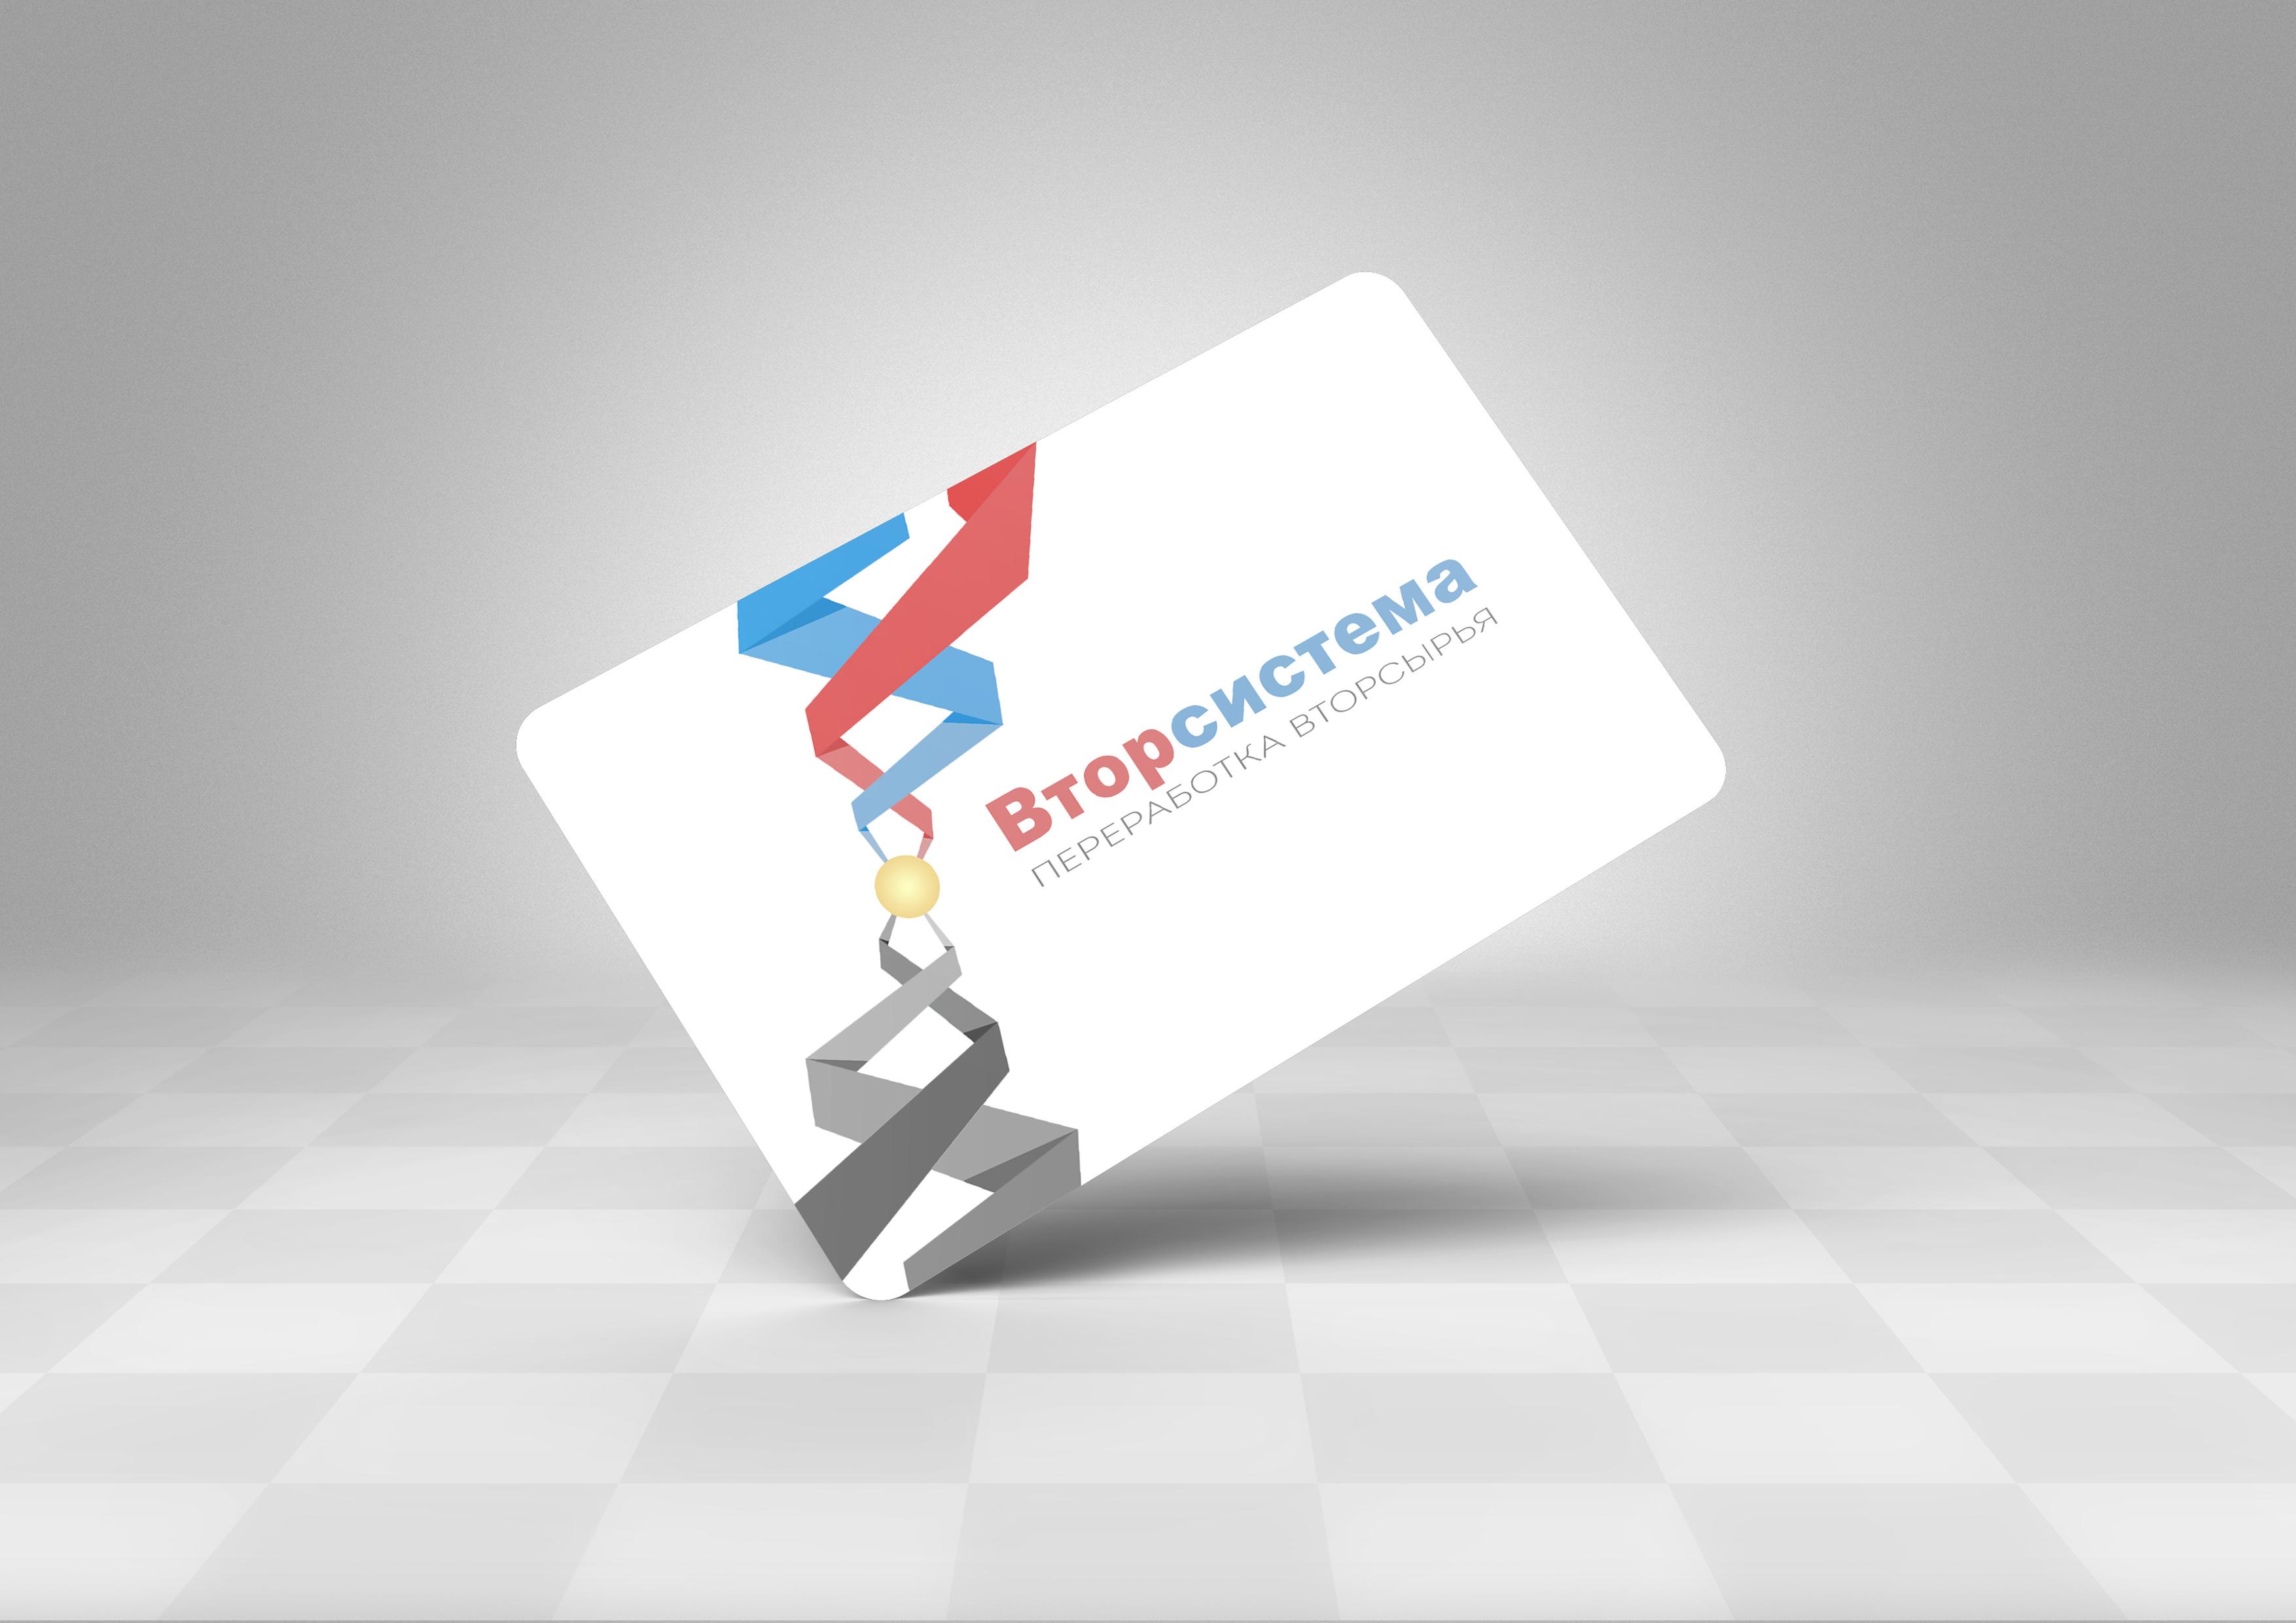 Нужно разработать логотип и дизайн визитки фото f_323554e267c3ed16.jpg